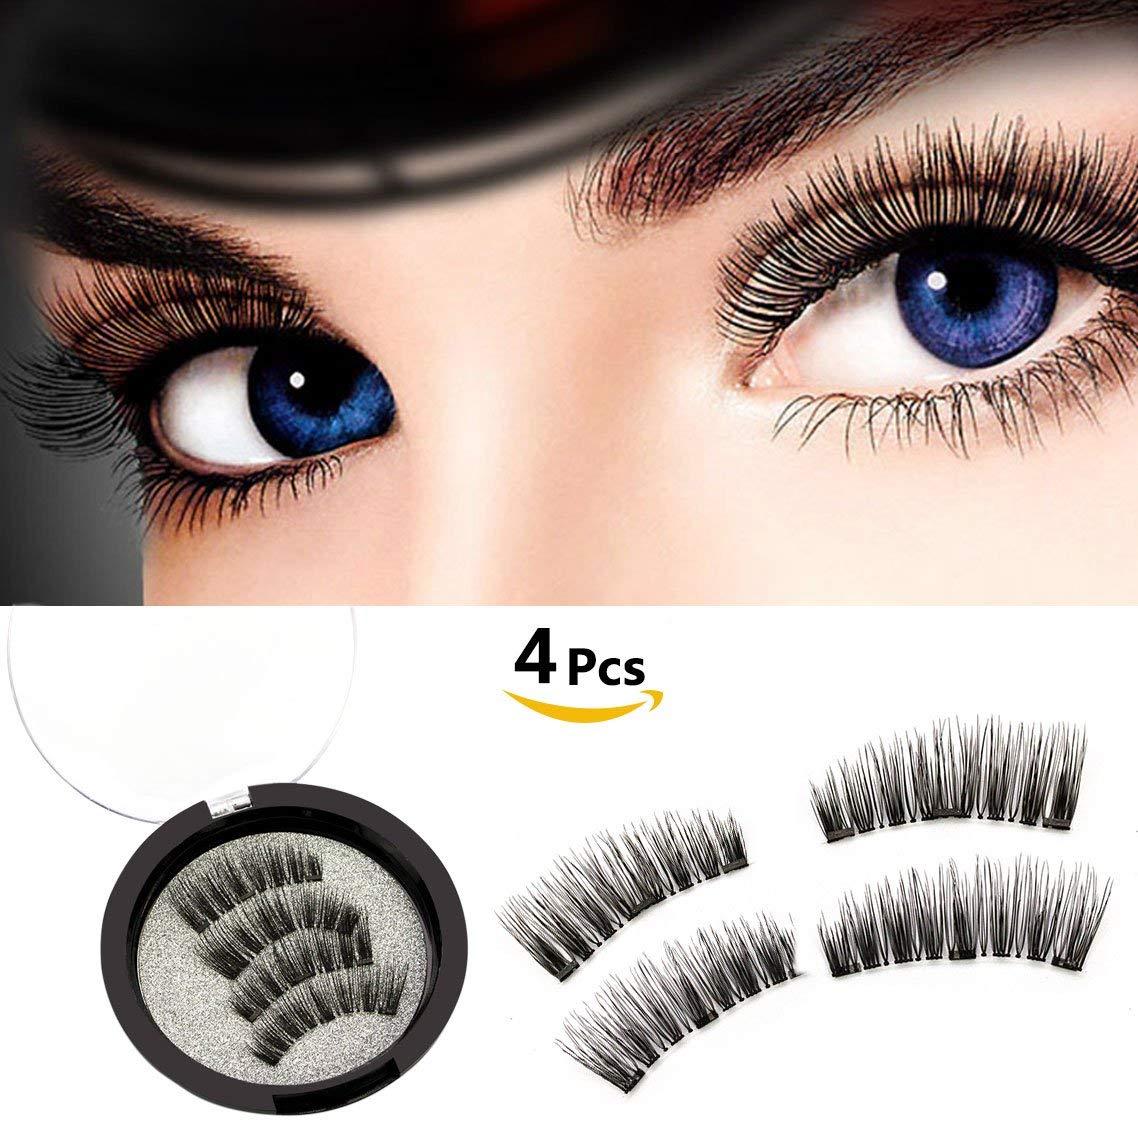 b9d366757d9 Get Quotations · Reusable Magnetic False Eyelashes Ultra Comfortable Fake  Lashes Natural Look Long Fake Eyelashes Set No Glue